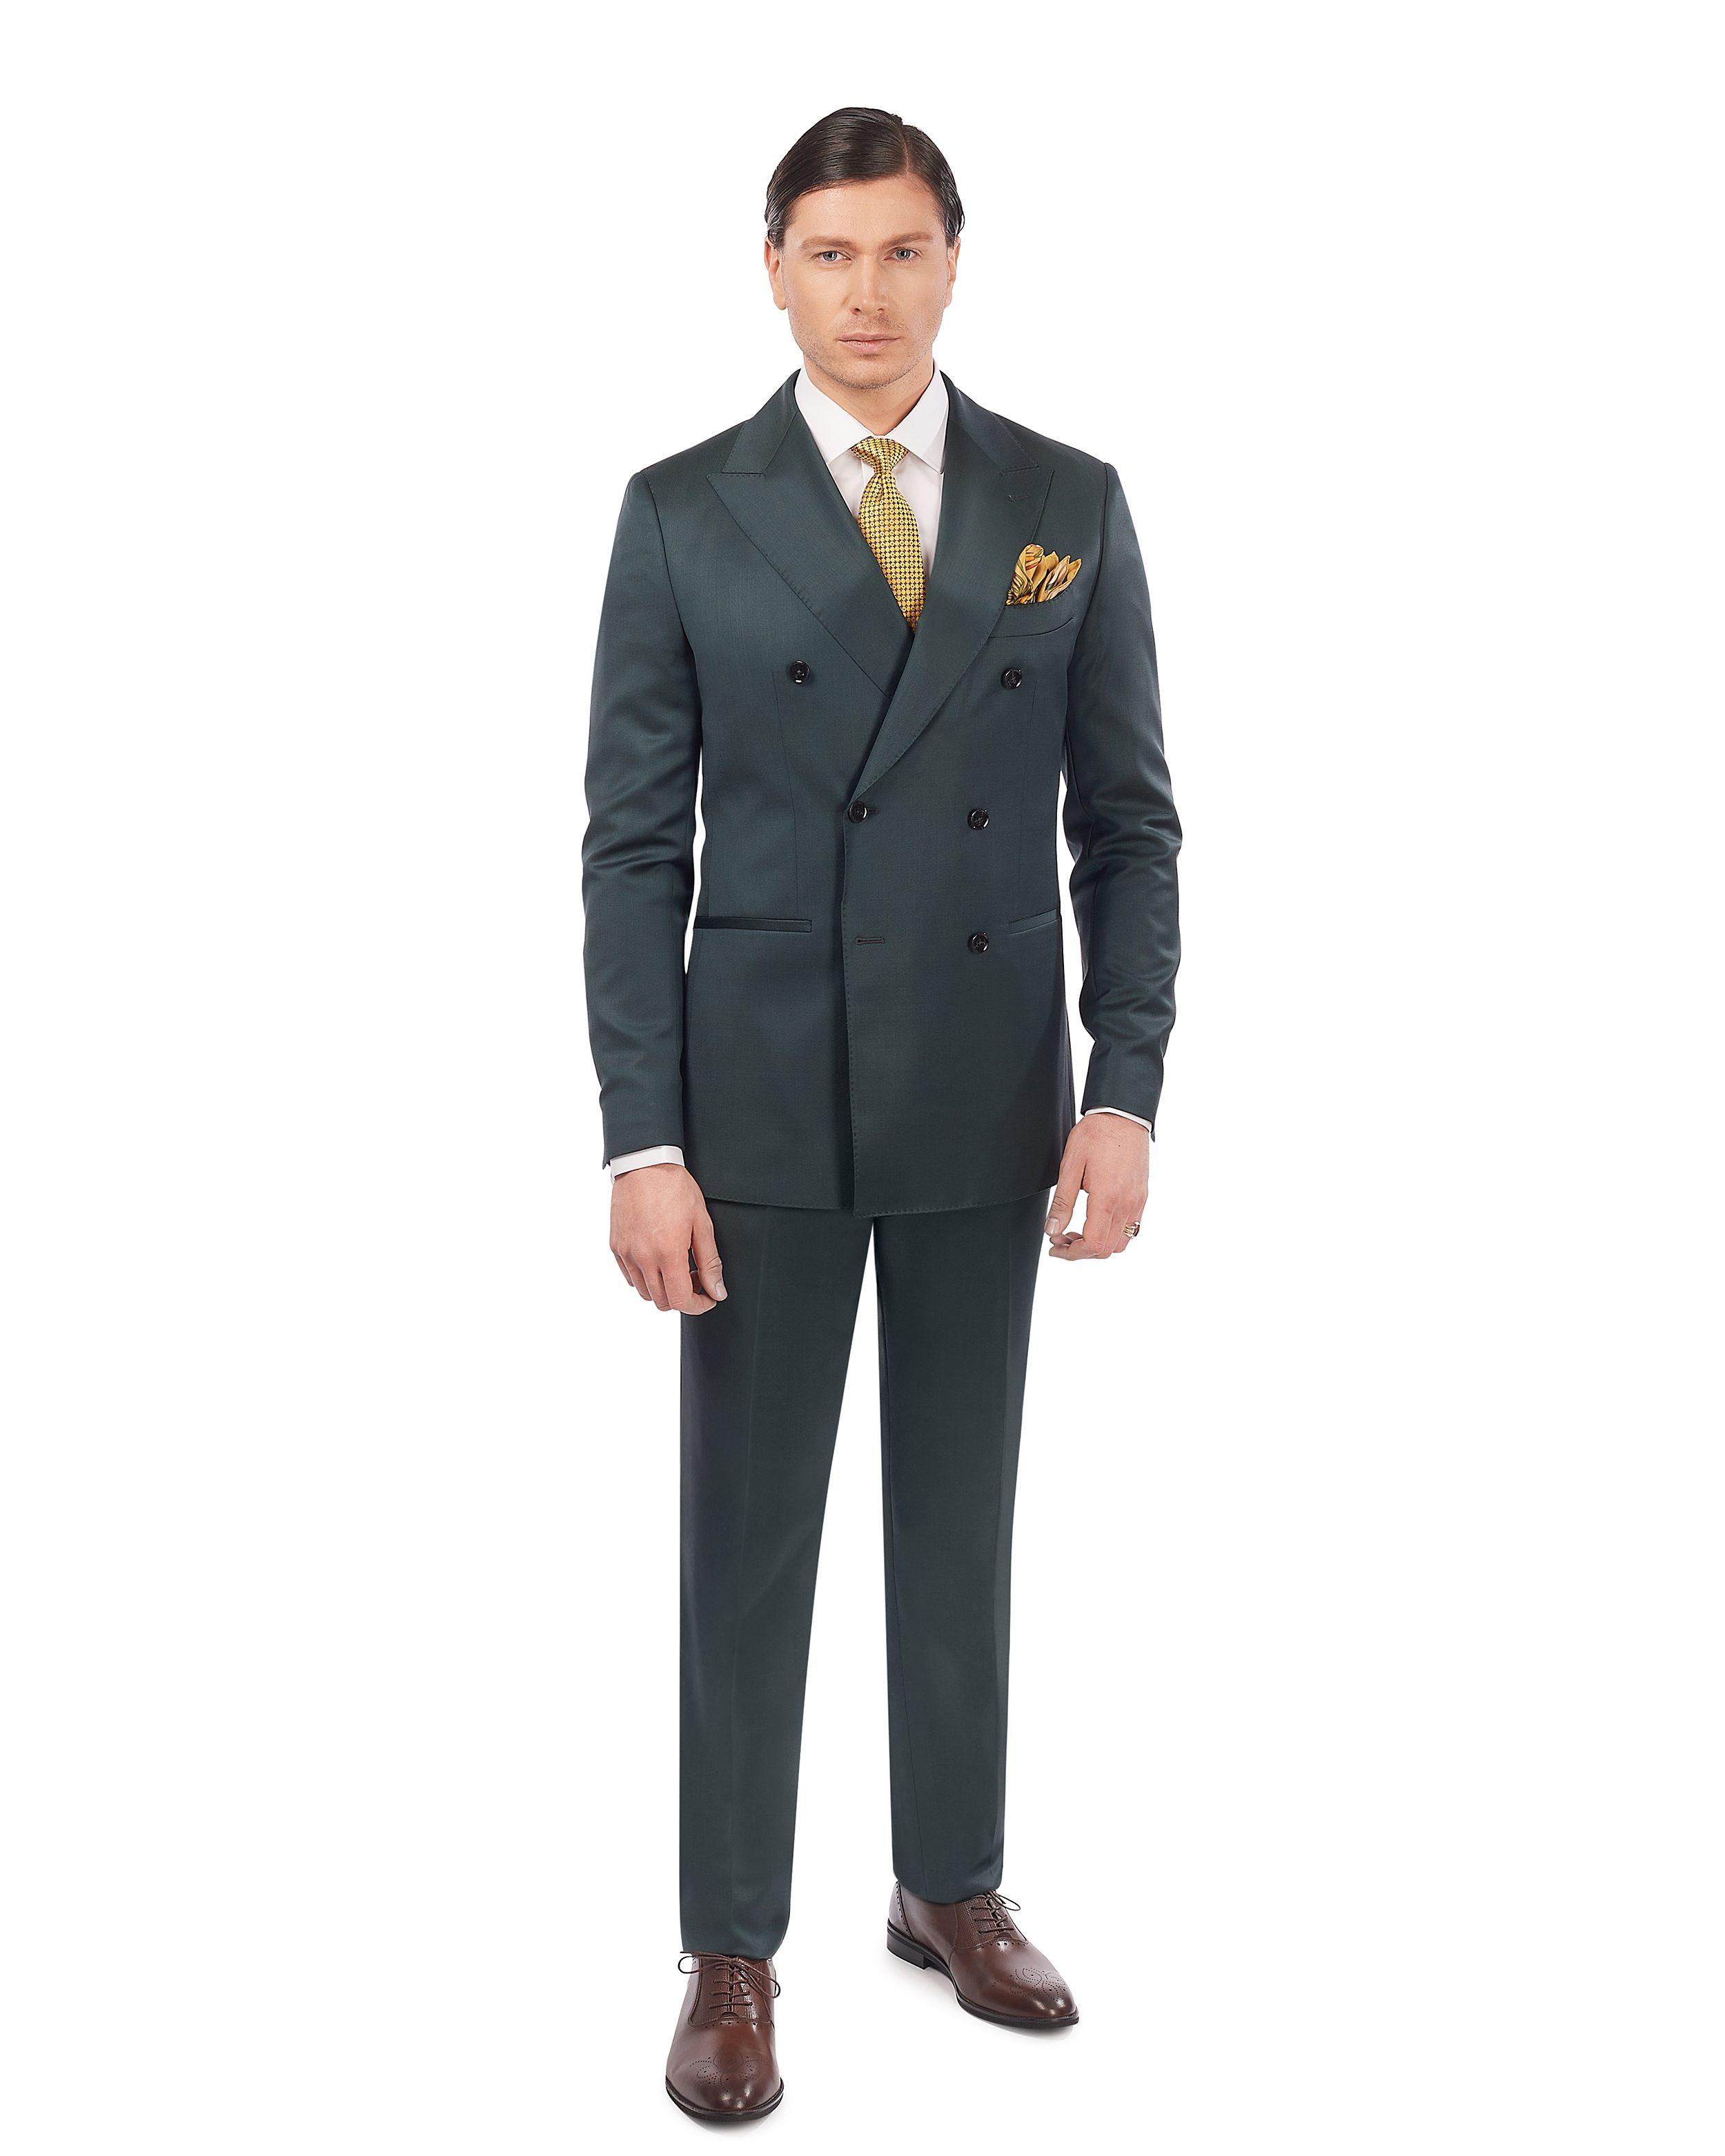 Costum-Barbati-Double-Breasted-Verde-Olive-Uni-Magazin-Costume-Barbati-Cluj-Napoca-Gentlemens-Boutique-Gold-Soporului-8-